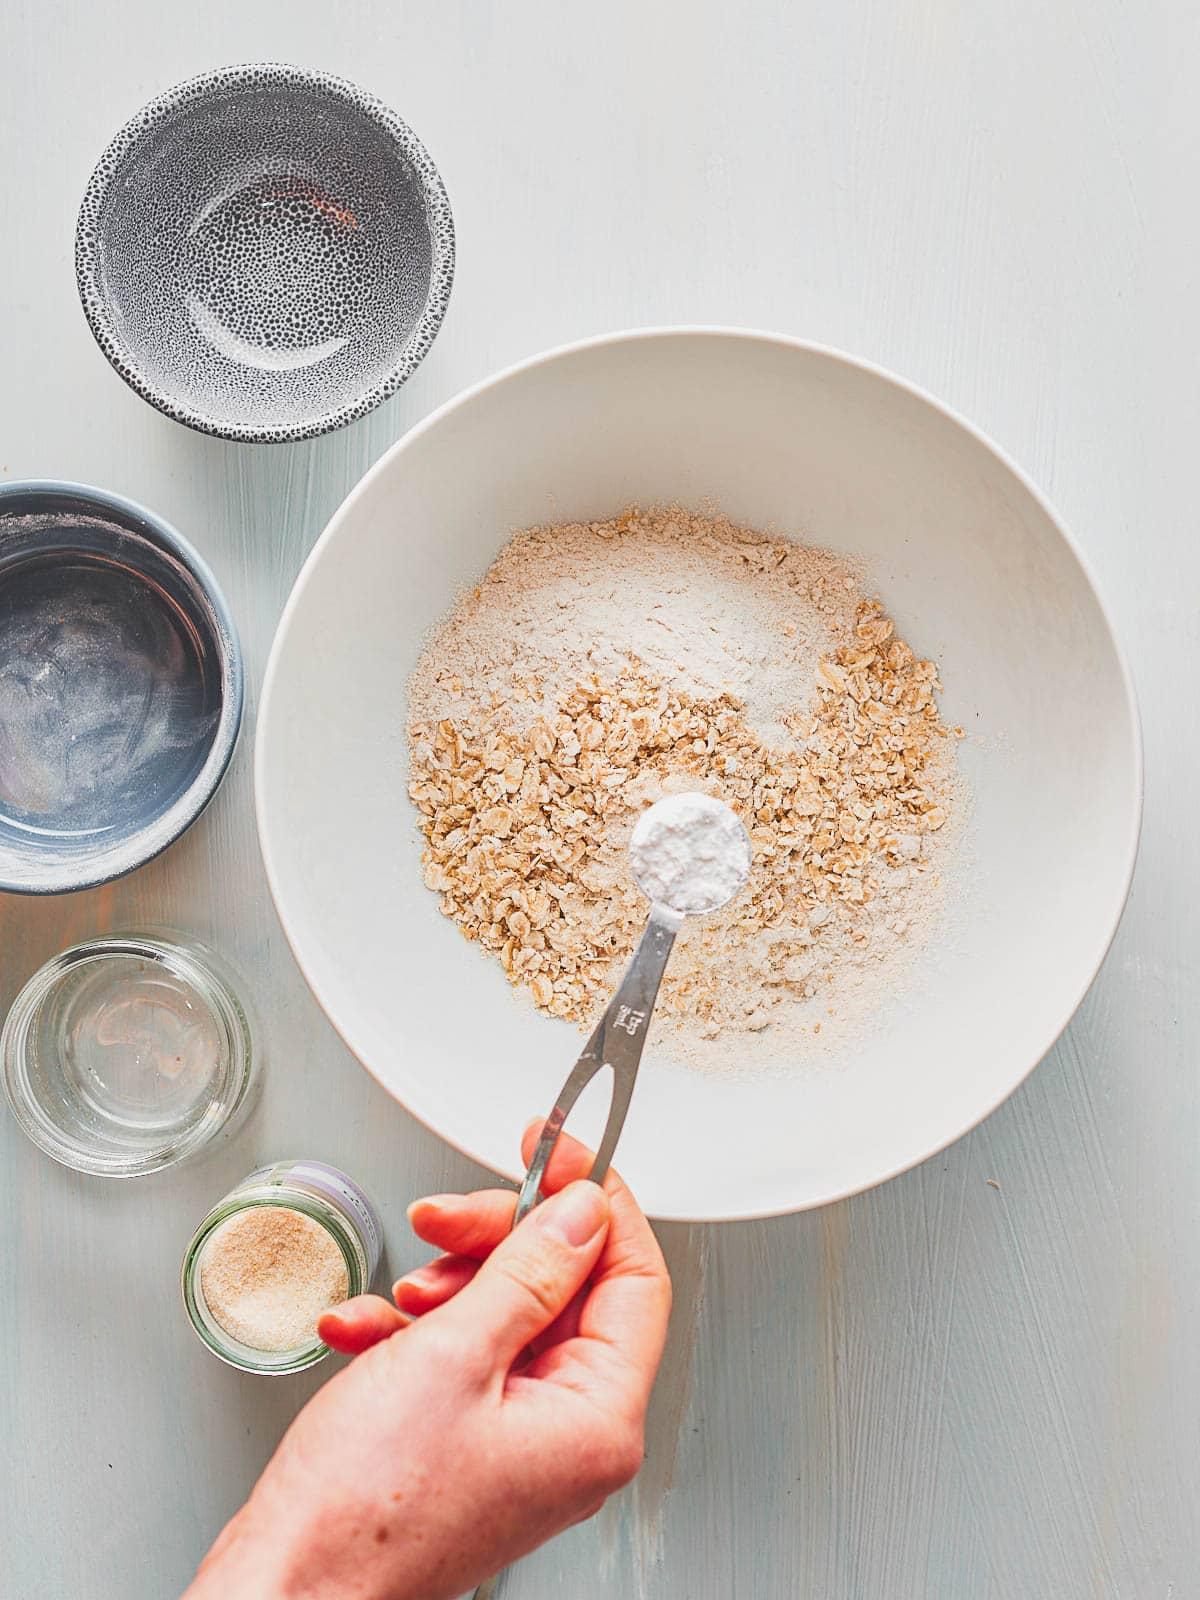 Adding baking powder to mixing bowl